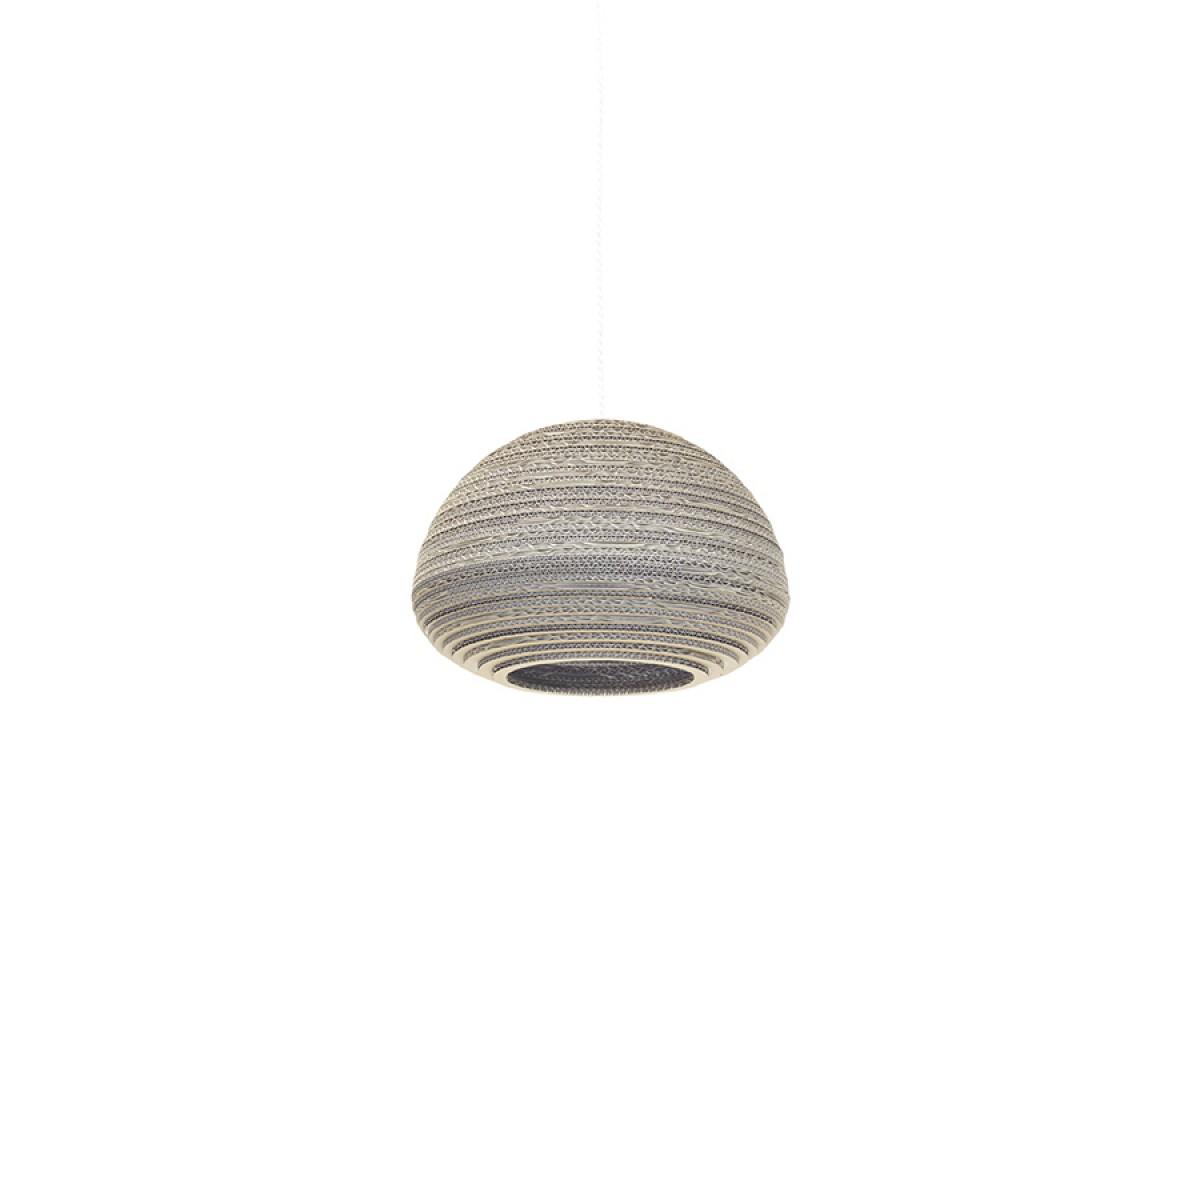 Cardboard lampshade, n3, type B - Hängelampe